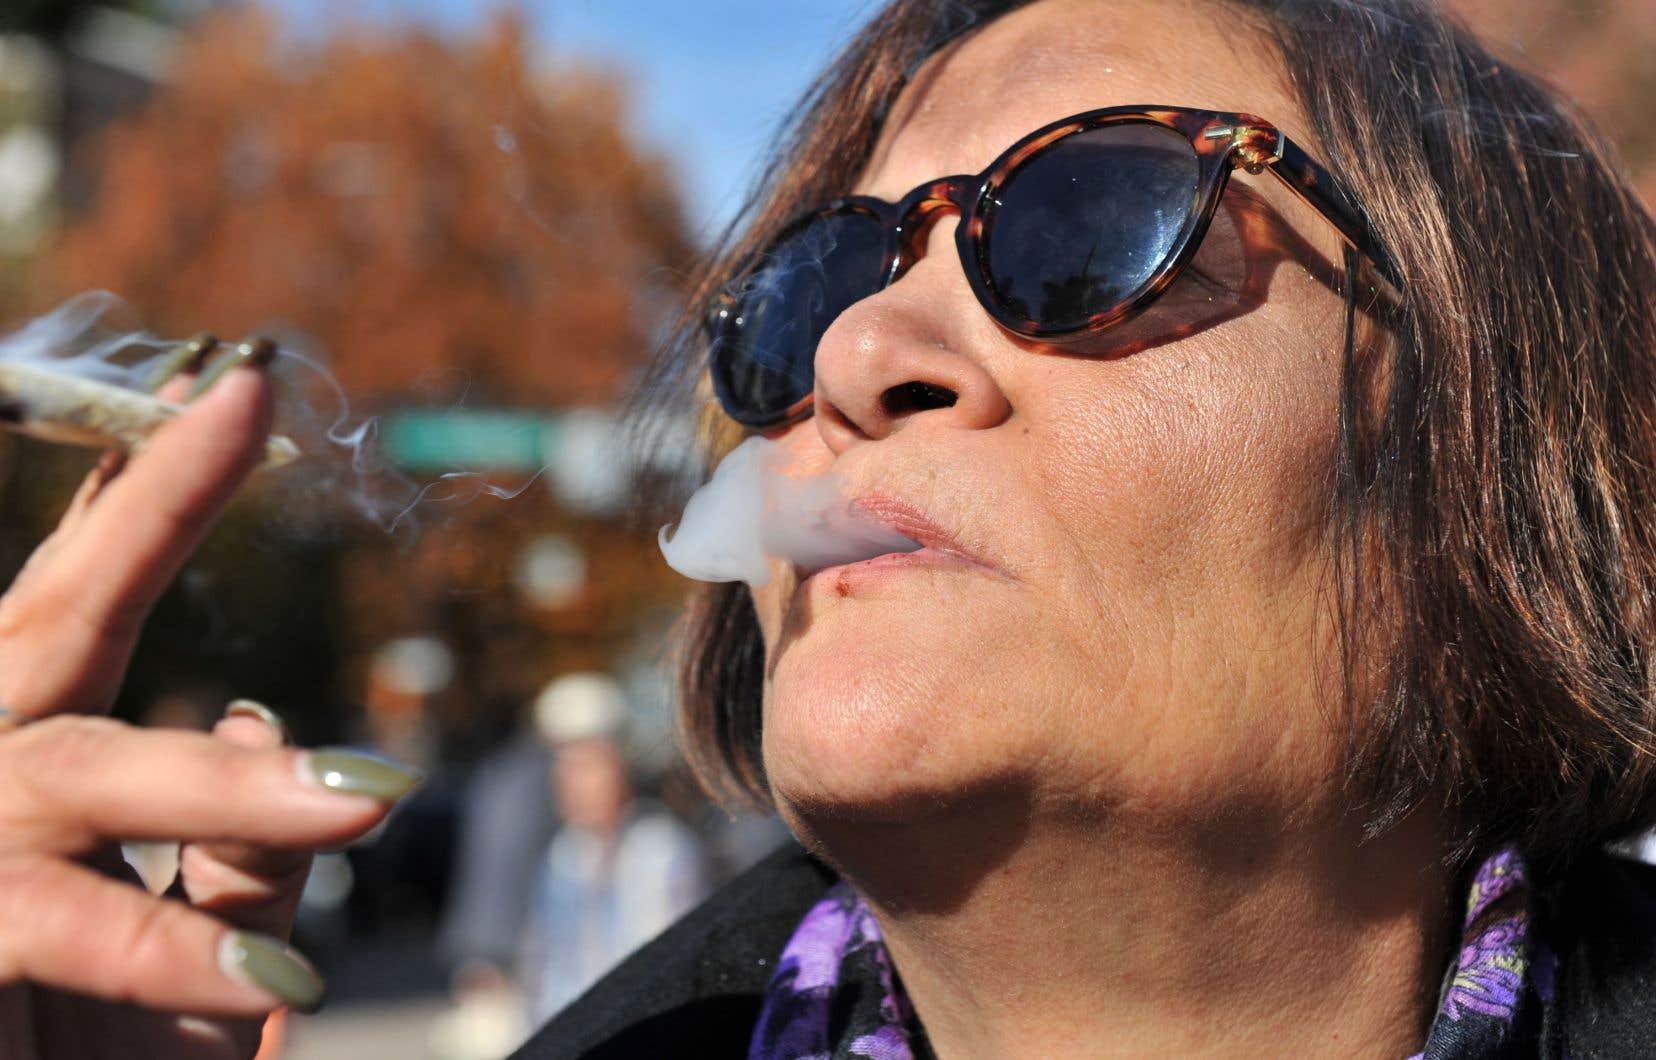 La consommation de cannabis semble augmenter le risque d'AVC